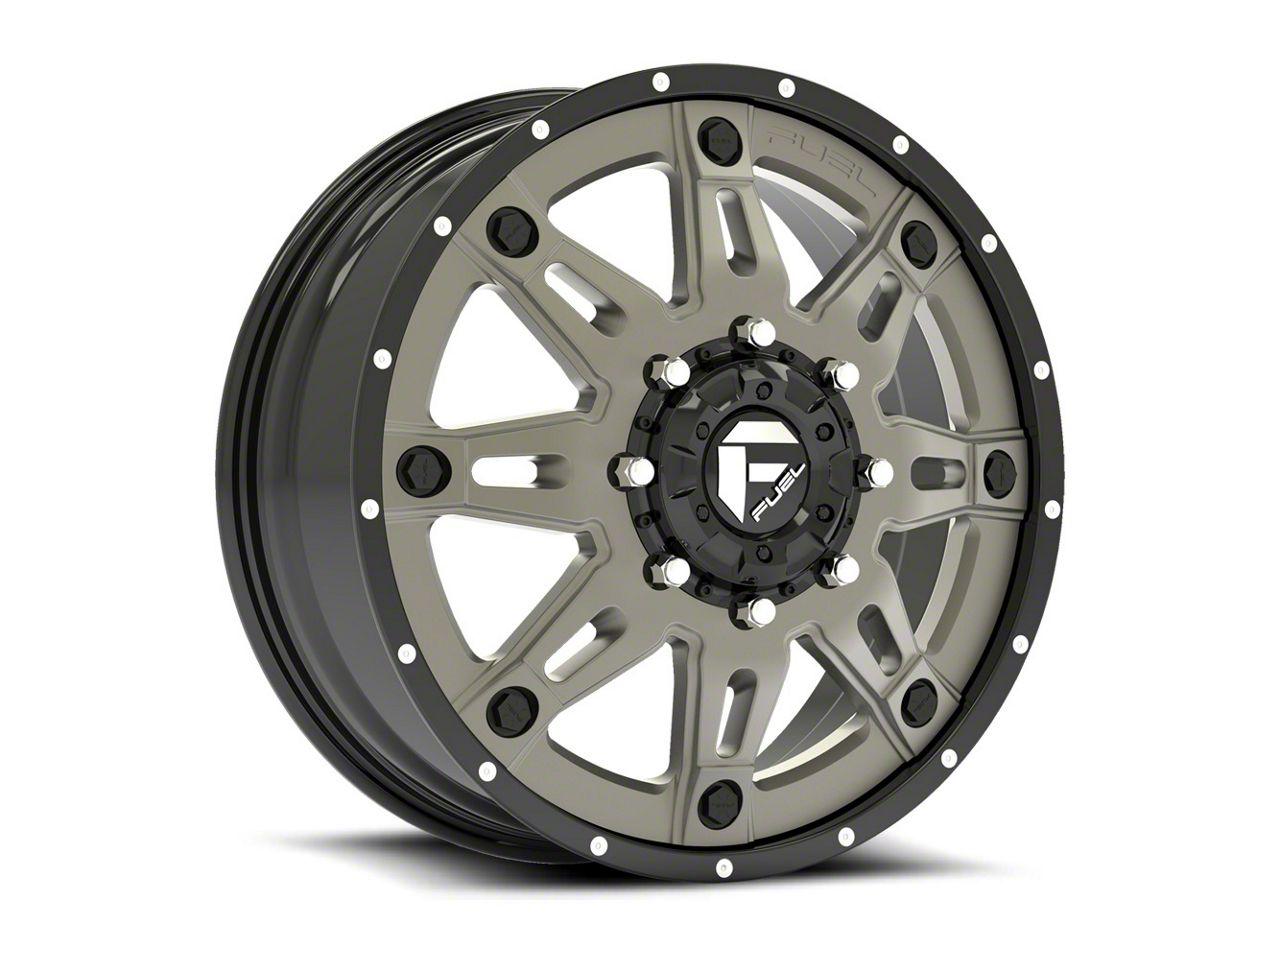 Fuel Wheels Hostage Matte Black 6-Lug Wheel - 22x12 (07-18 Sierra 1500)